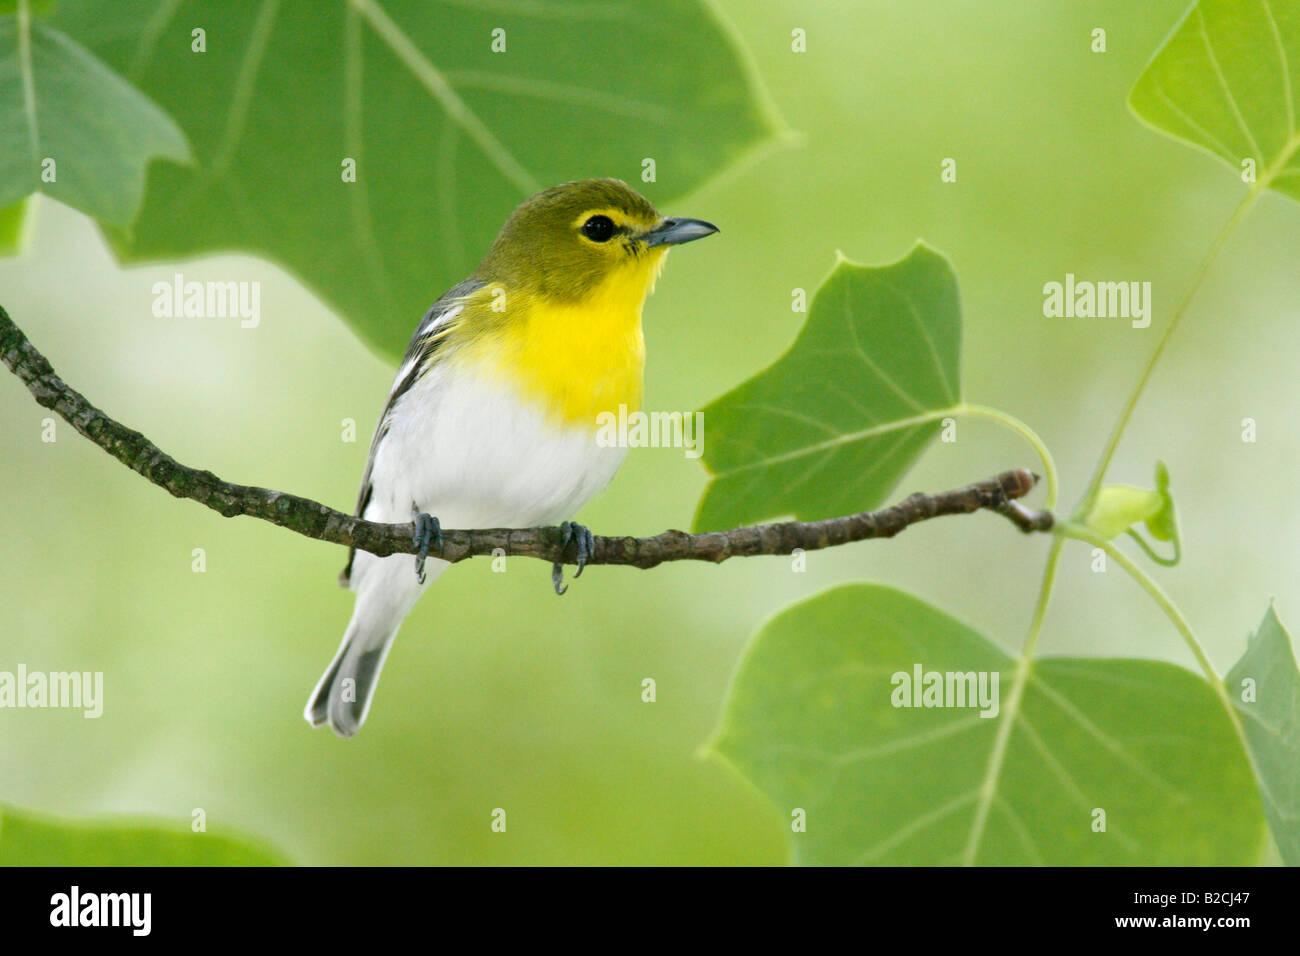 Yellow throated Vireo - Stock Image